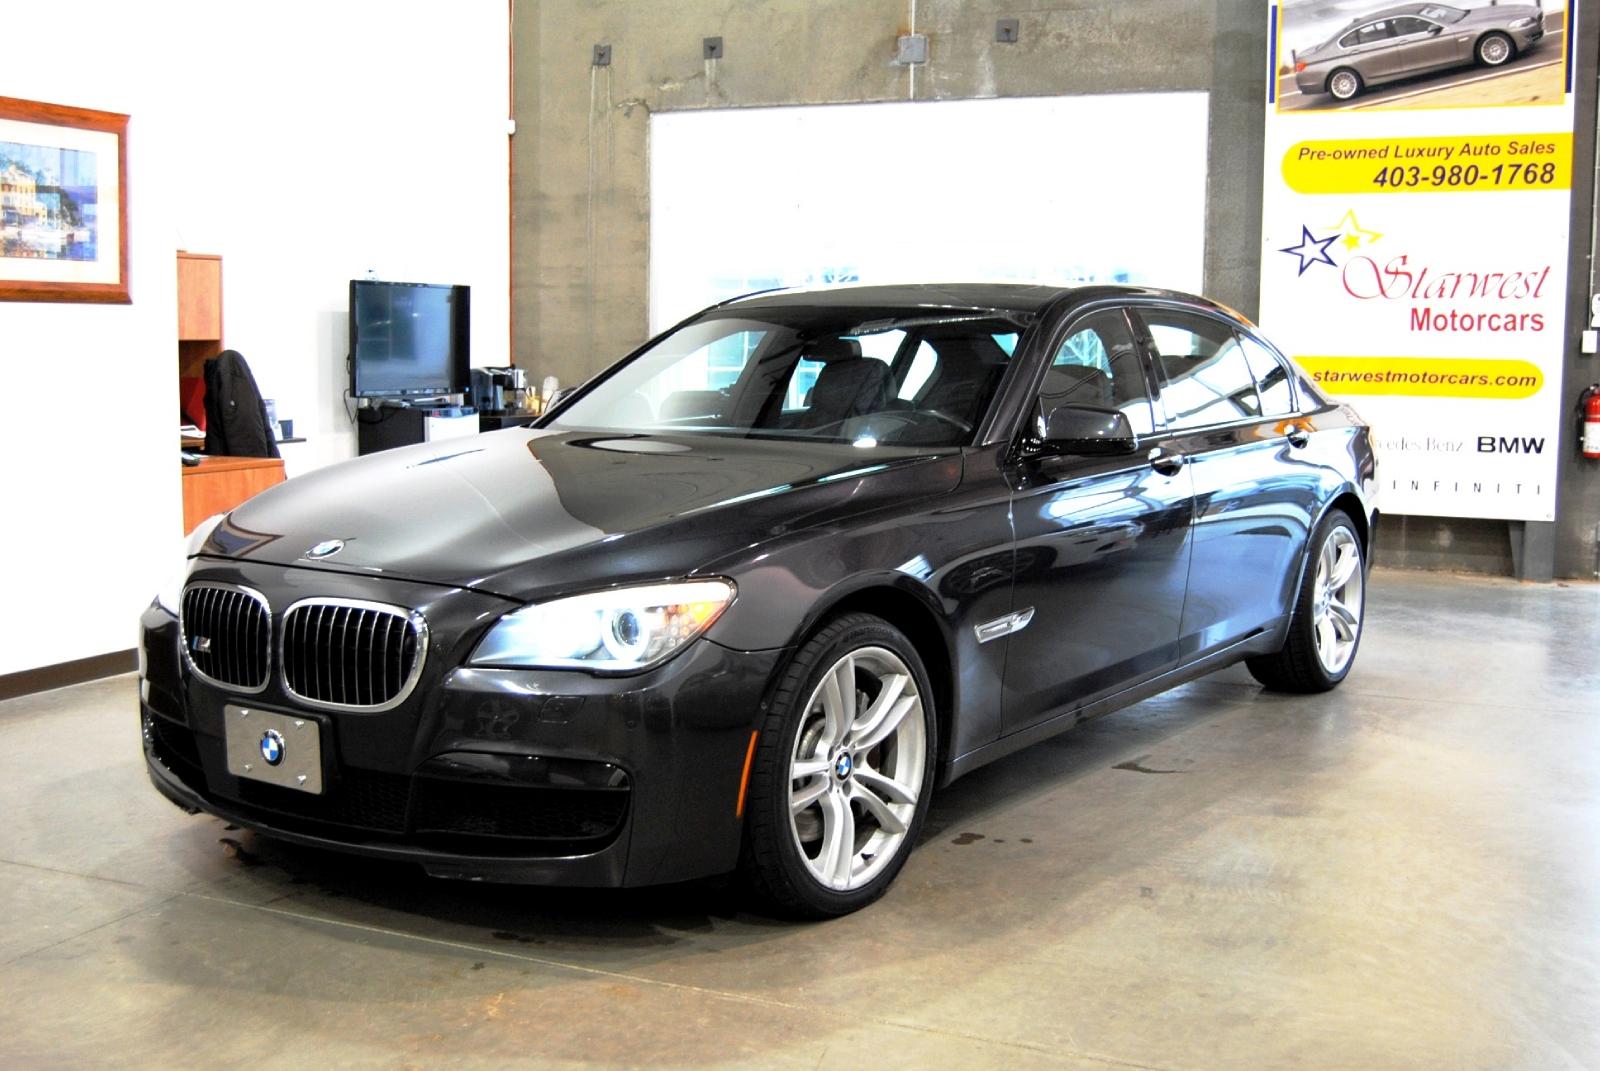 2011 BMW 750Li xDrive M Sport | Starwest Motorcars